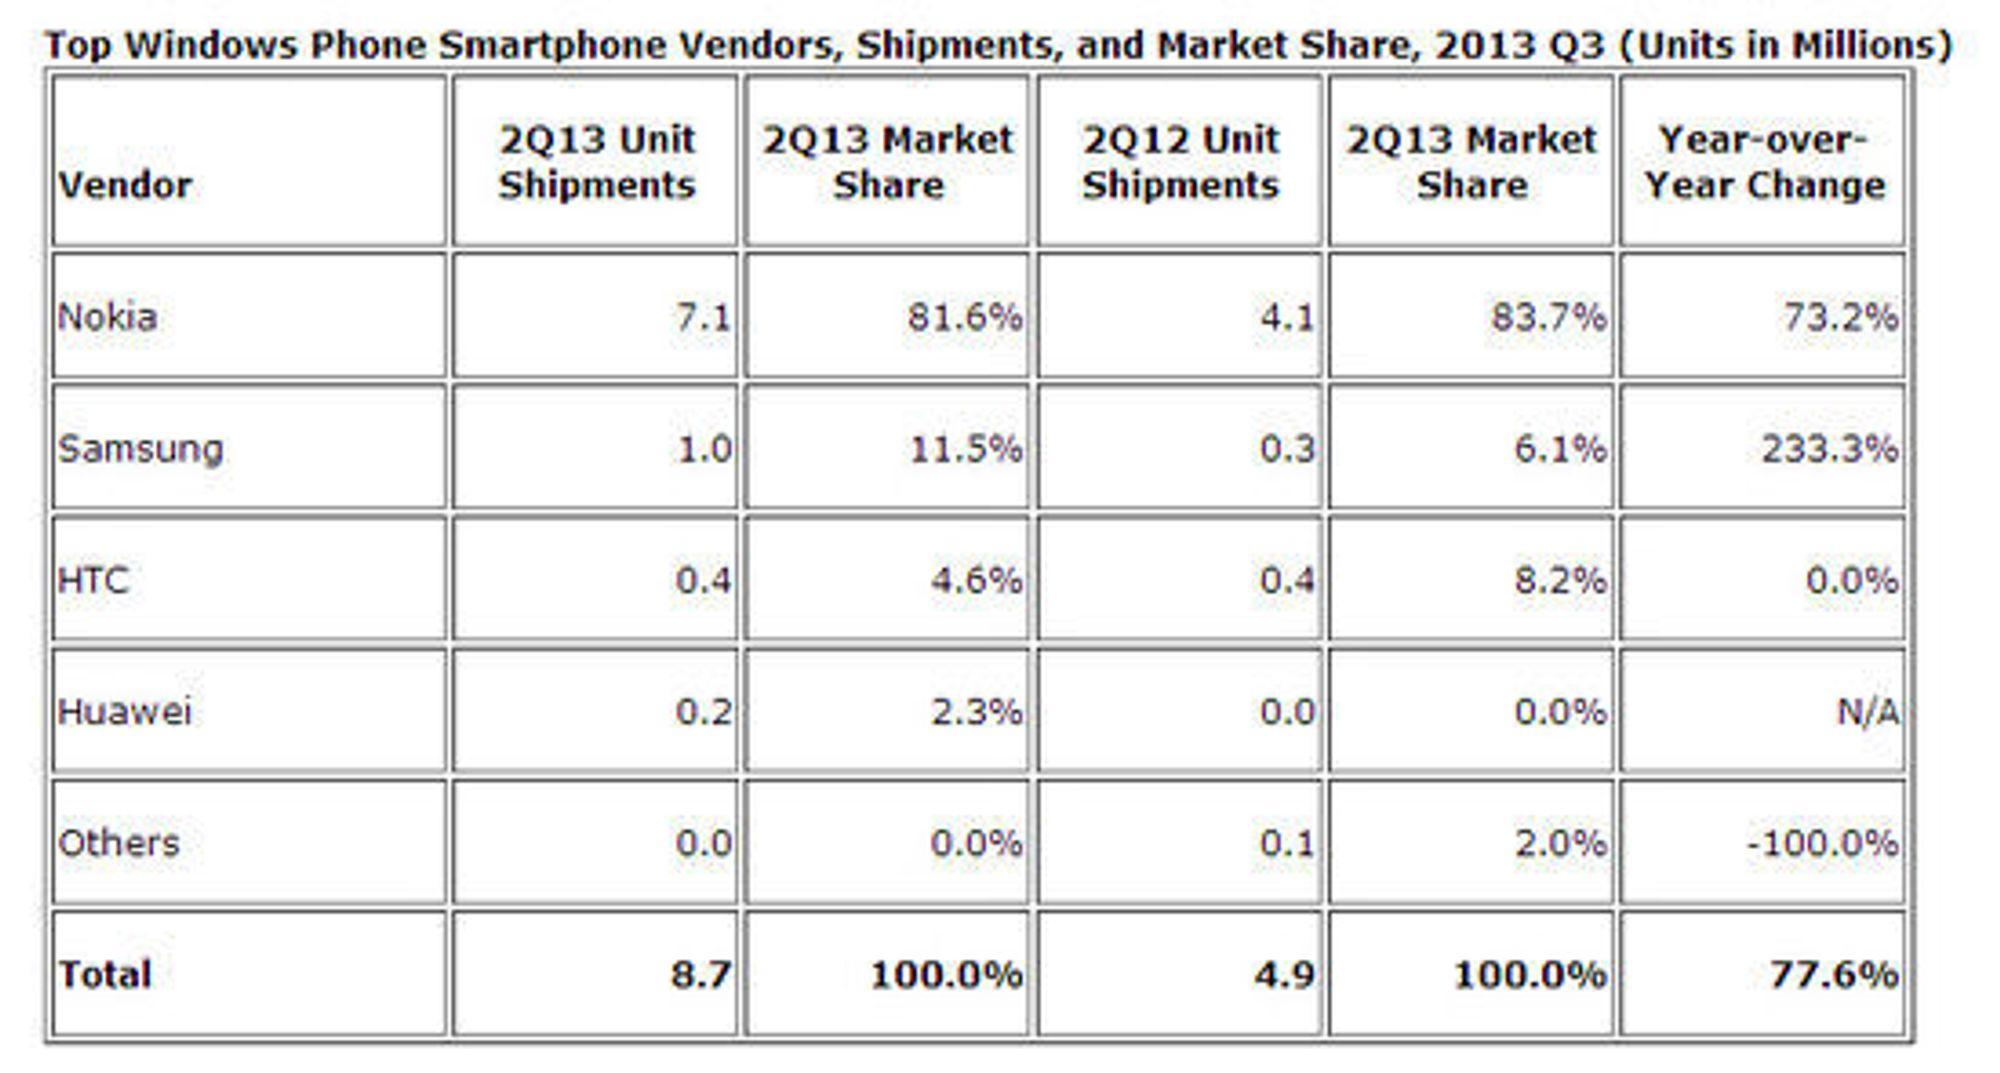 Ledende leverandører av Windows Phone-enheter i andre kvartal av 2013.